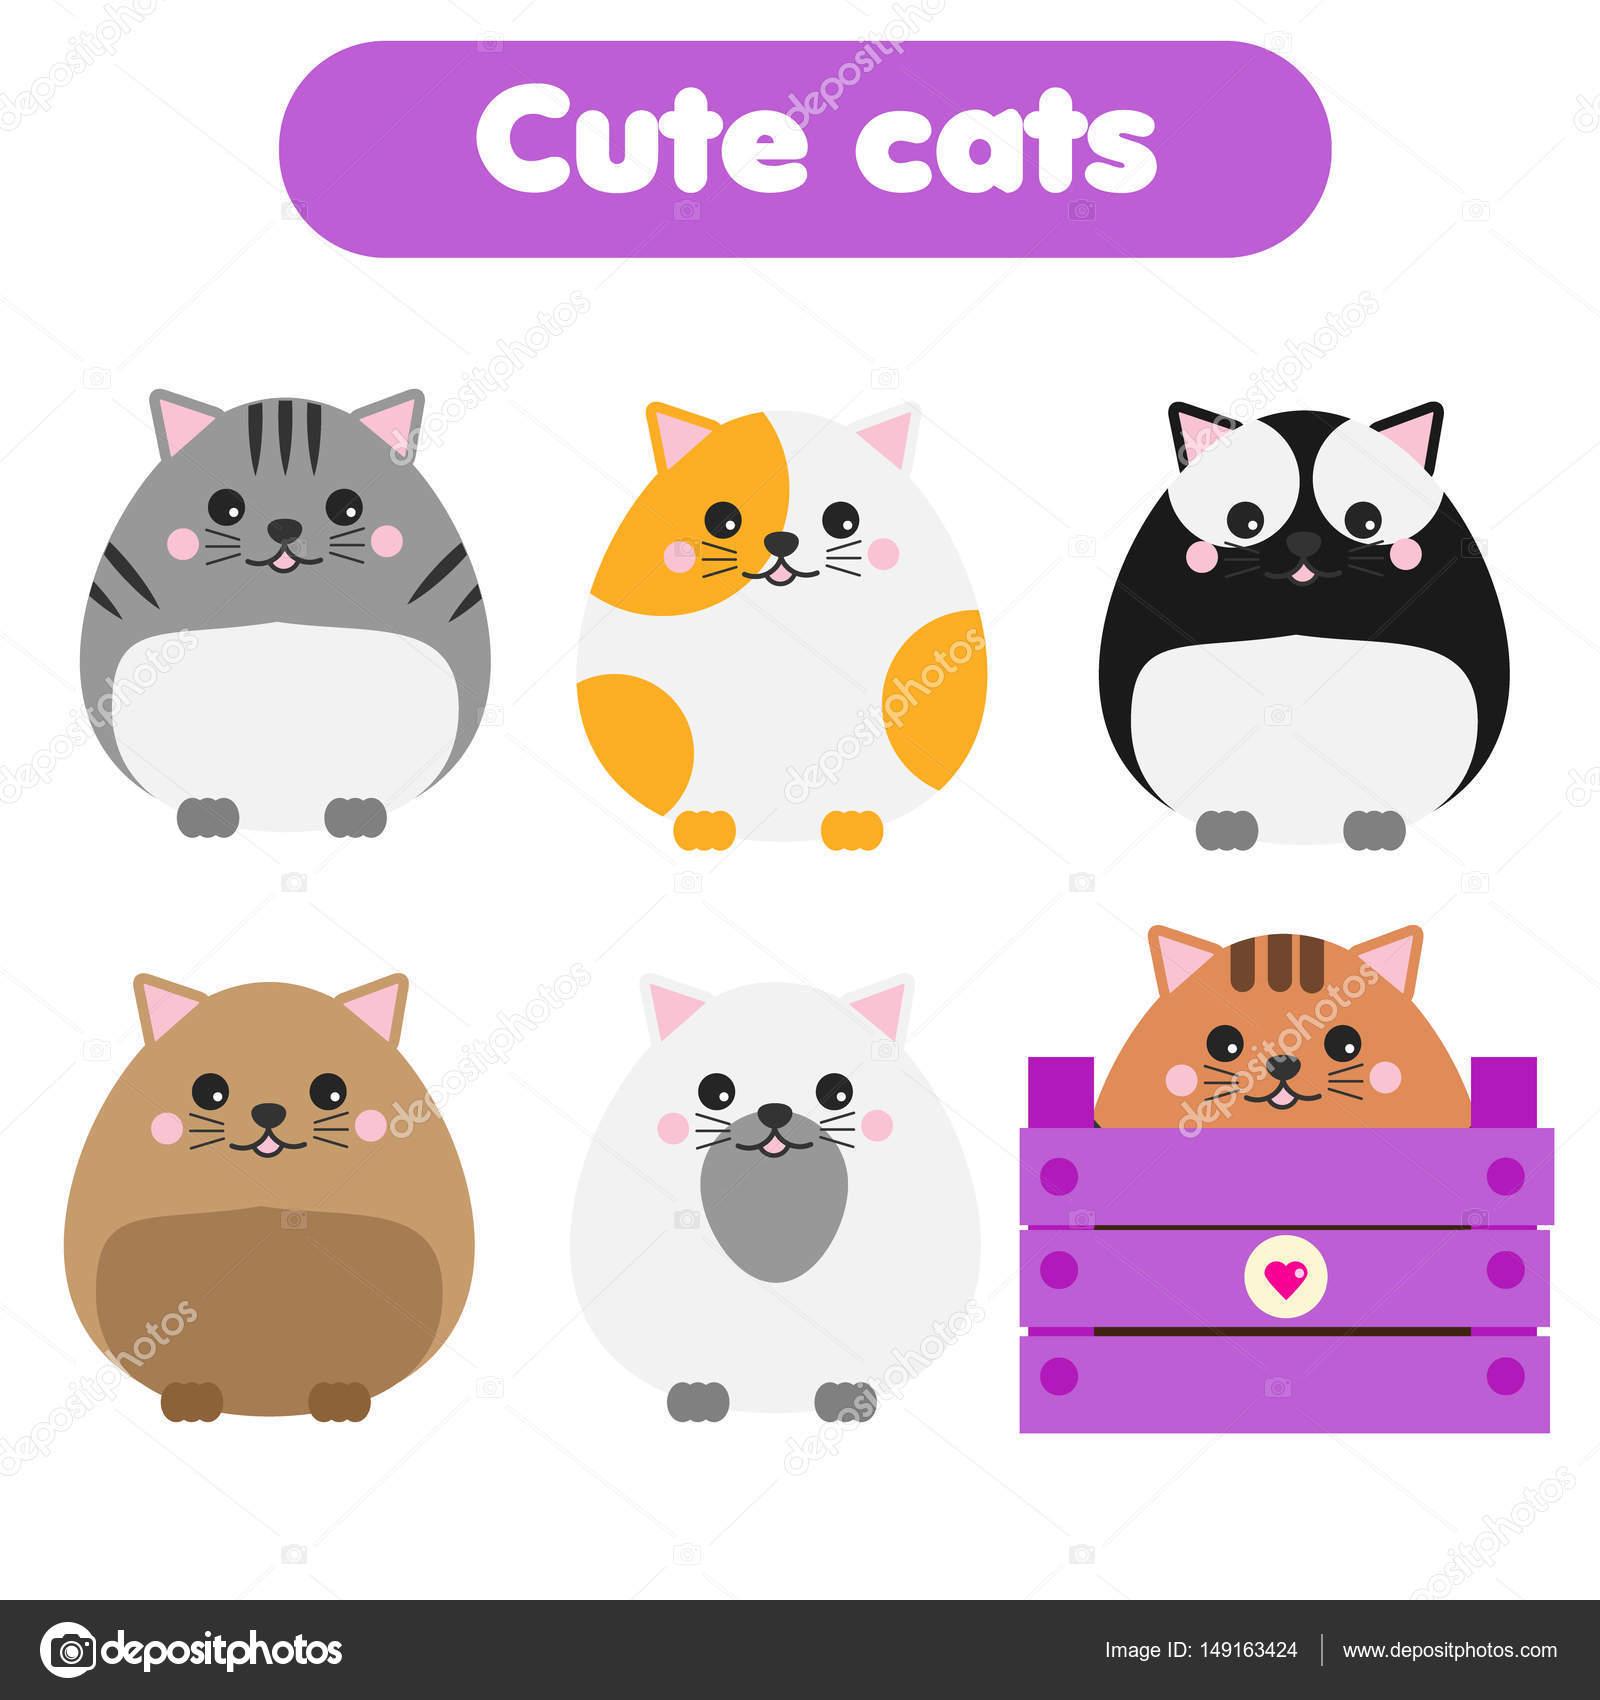 Cute Kawaii Katzen Kinder Stil Cartoon Eingestellt Vektor Illustration Aufkleber Padagogische Illustrationen Isolierte Design Elemente Fur